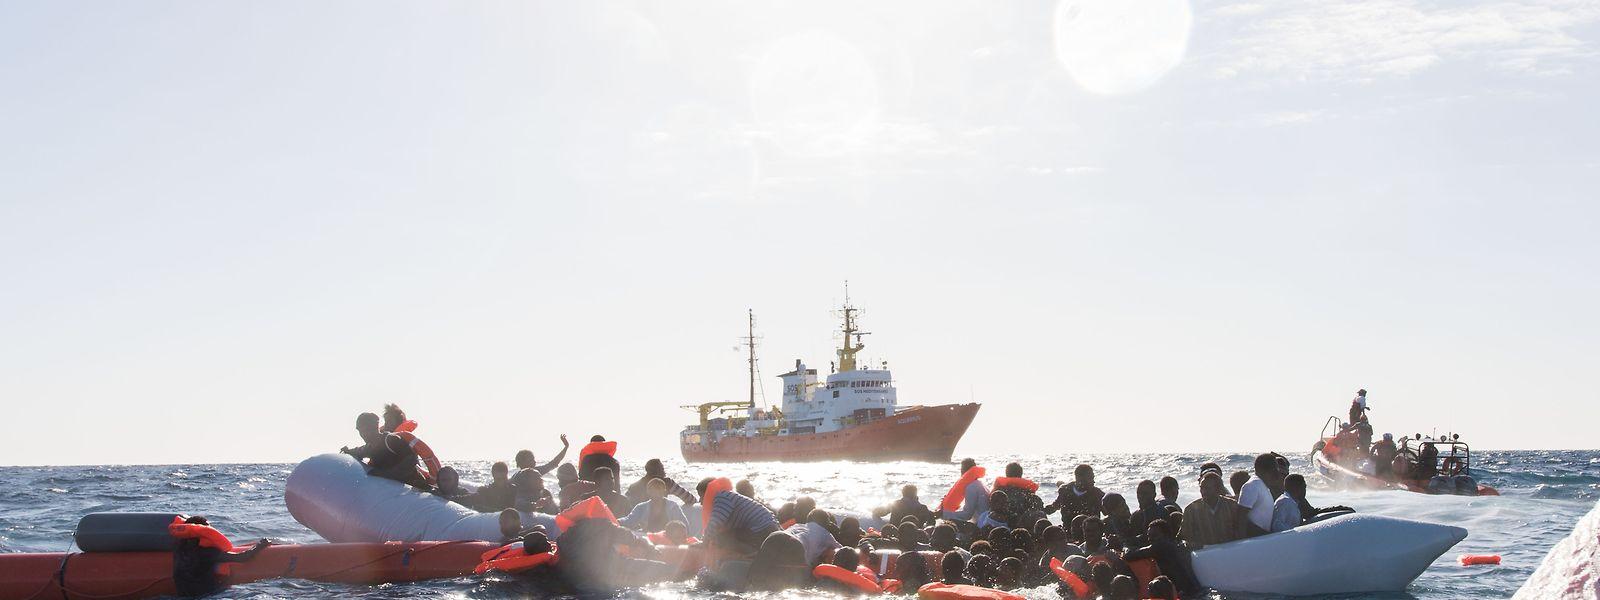 Zahlreiche Flüchtlinge versuchen, auf Booten von Libyen aus nach Italien überzusetzen. Viele finden dabei den Tod.